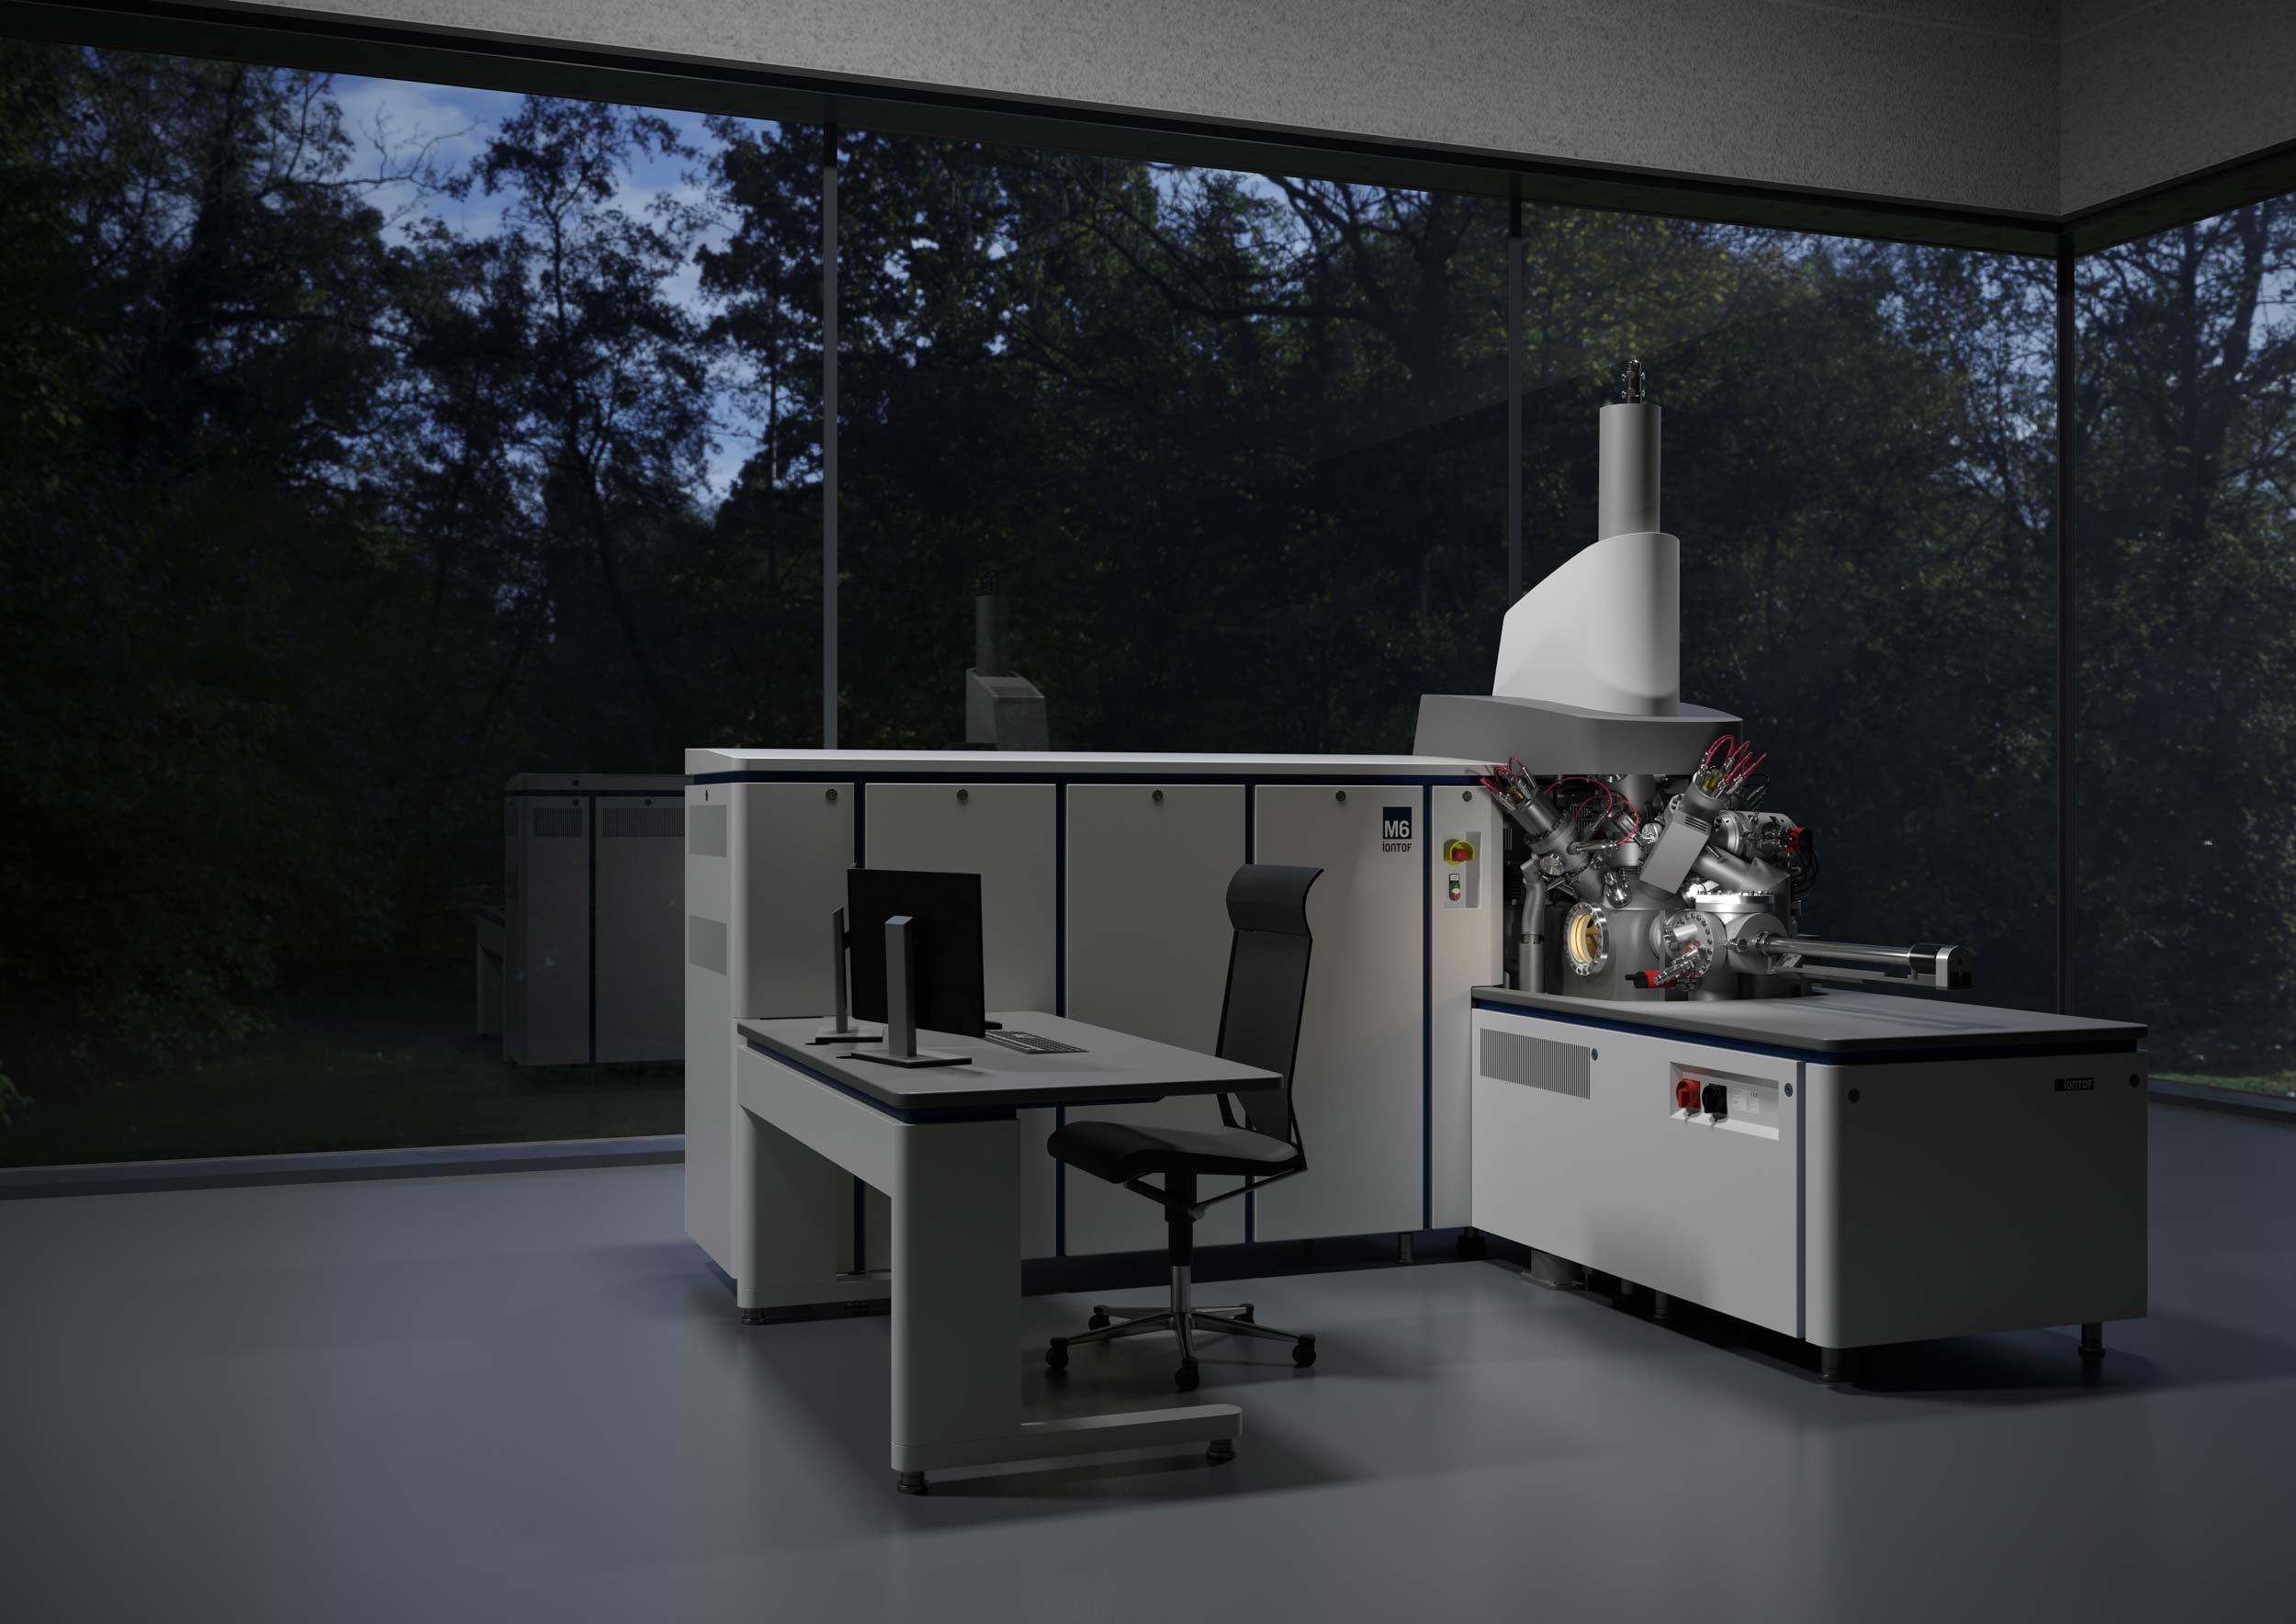 Масс-спектрометр вторичных ионов TOF.SIMS M6 купить в Техноинфо